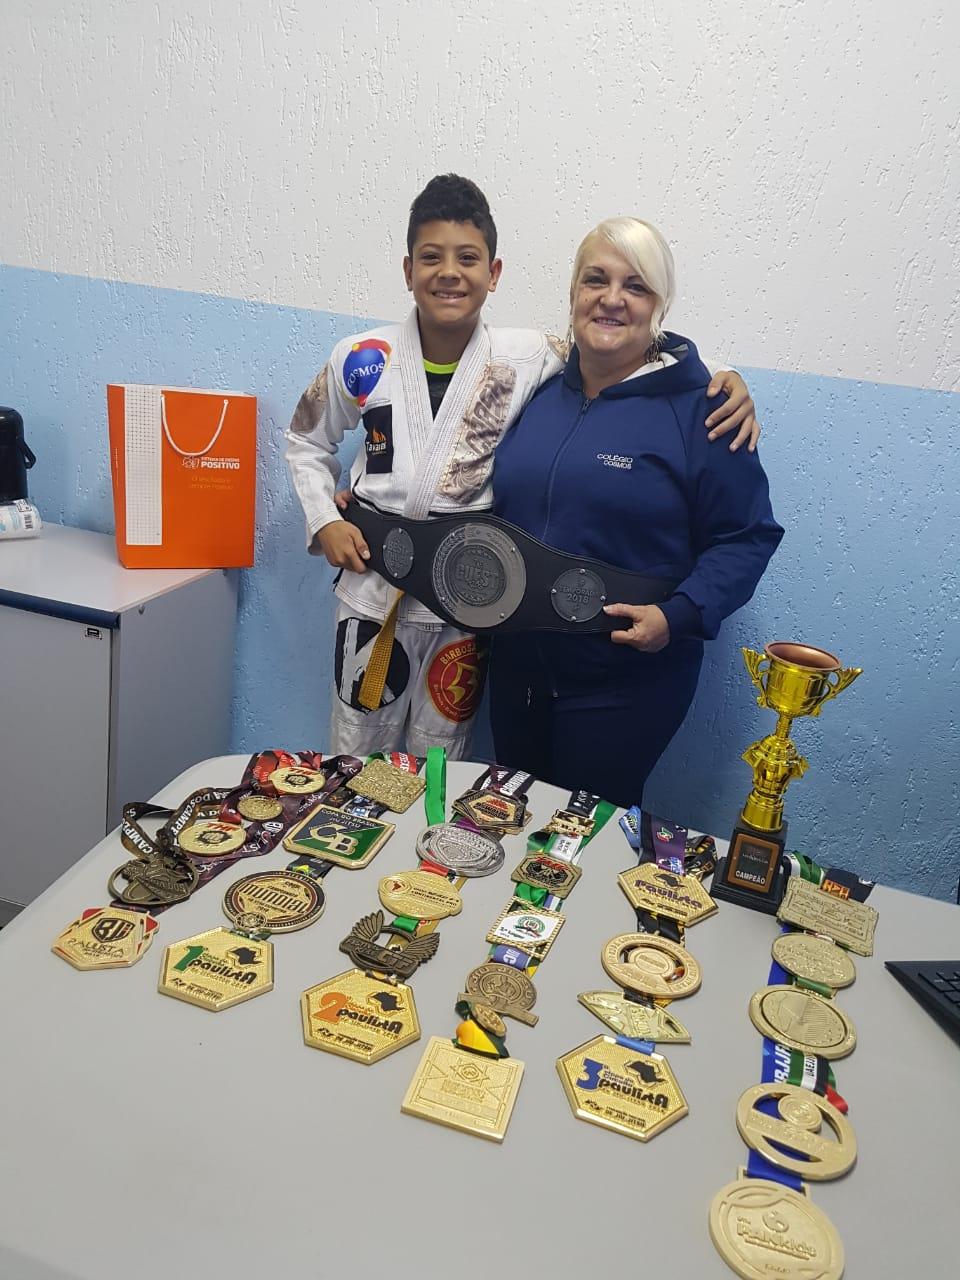 Conquistas de 2018 do nosso aluno Júlio César Suzigan Martins, super campeão de JIU JITSU,  incluindo o título PAN KIDS em Los Angeles! Parabéns! Estamos juntos!